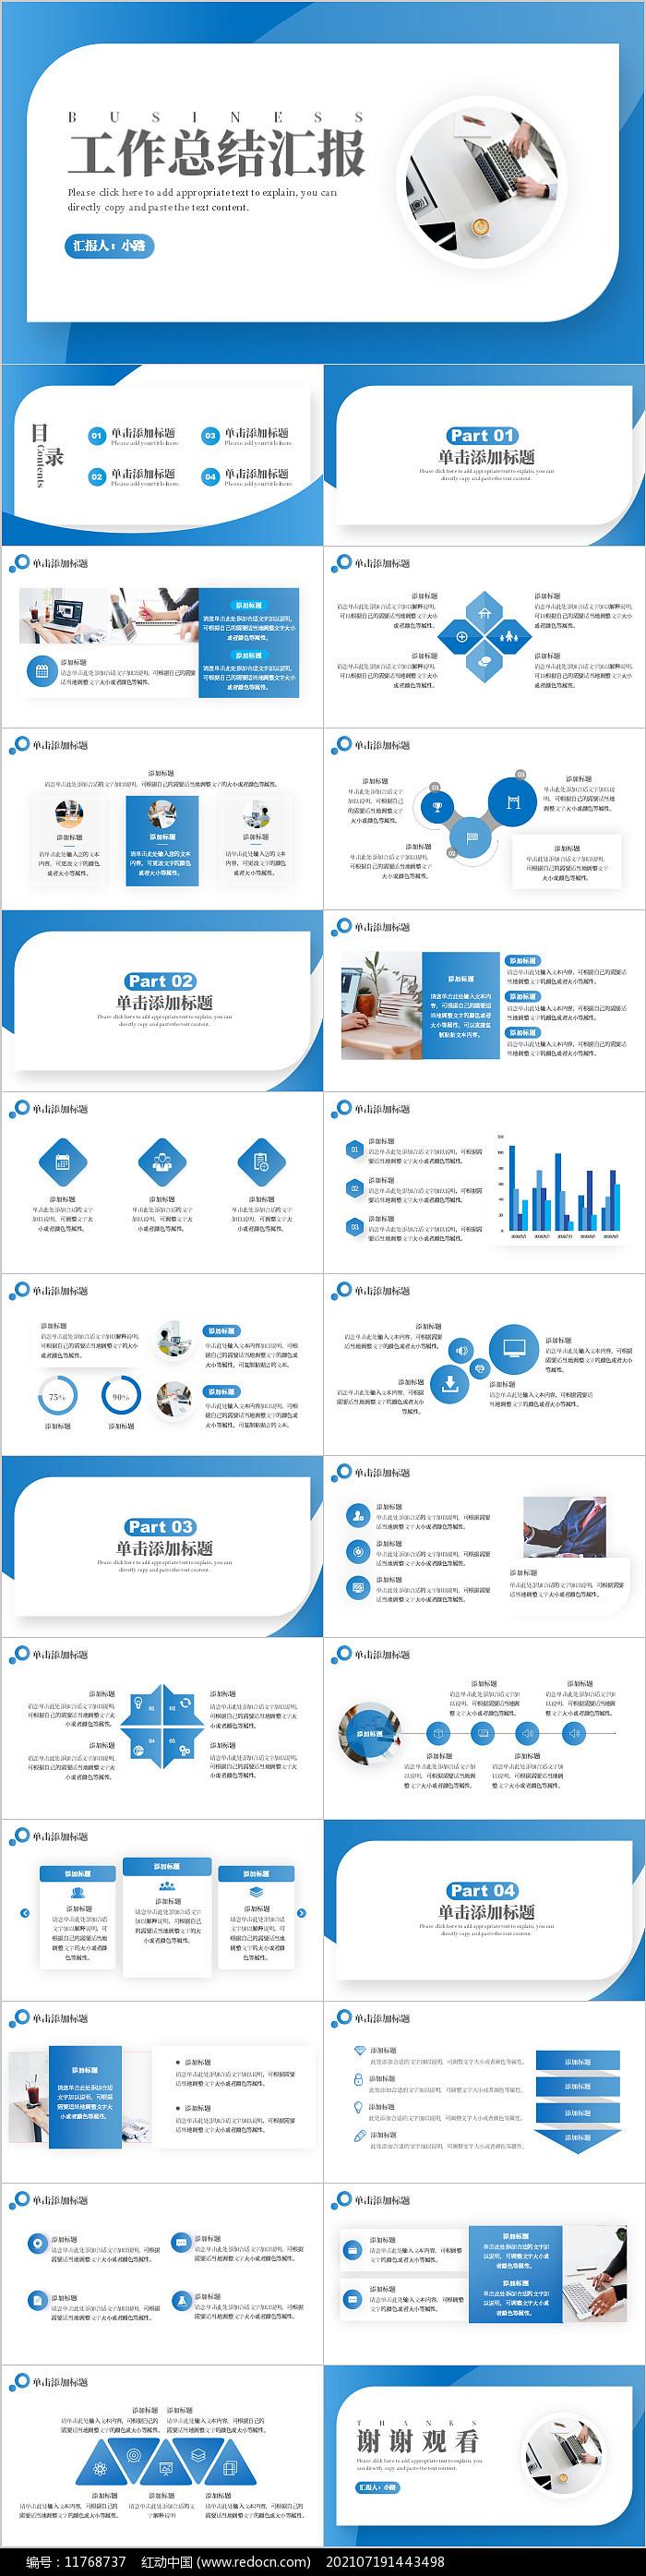 蓝色简约风工作总结汇报述职报告PPT模板图片